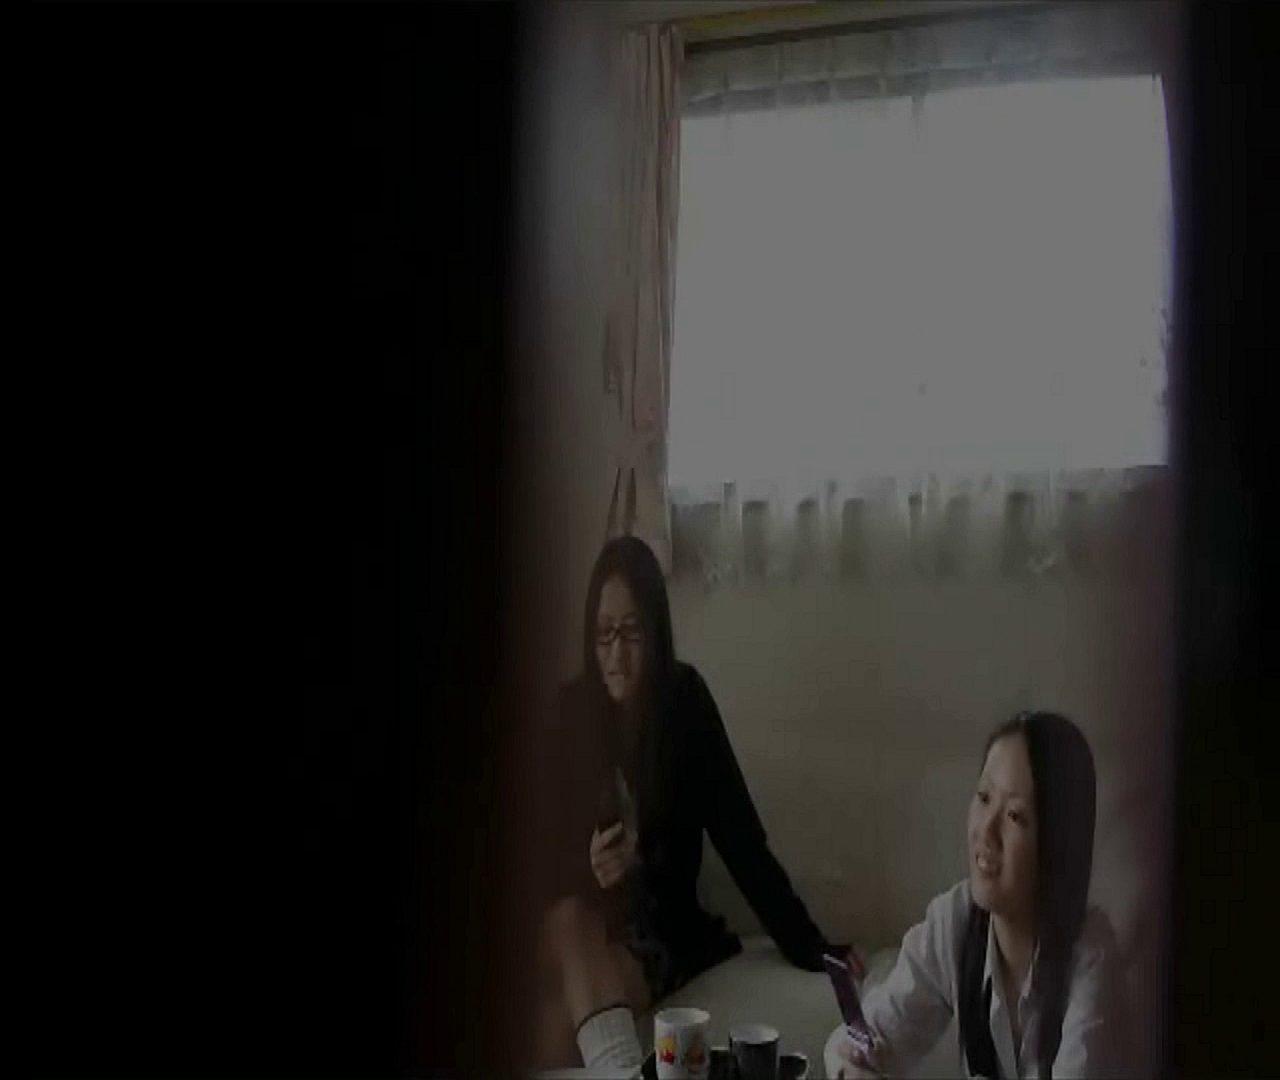 二人とも育てた甲斐がありました… vol.01 まどかとレイカの日常 OLセックス   0  91画像 91